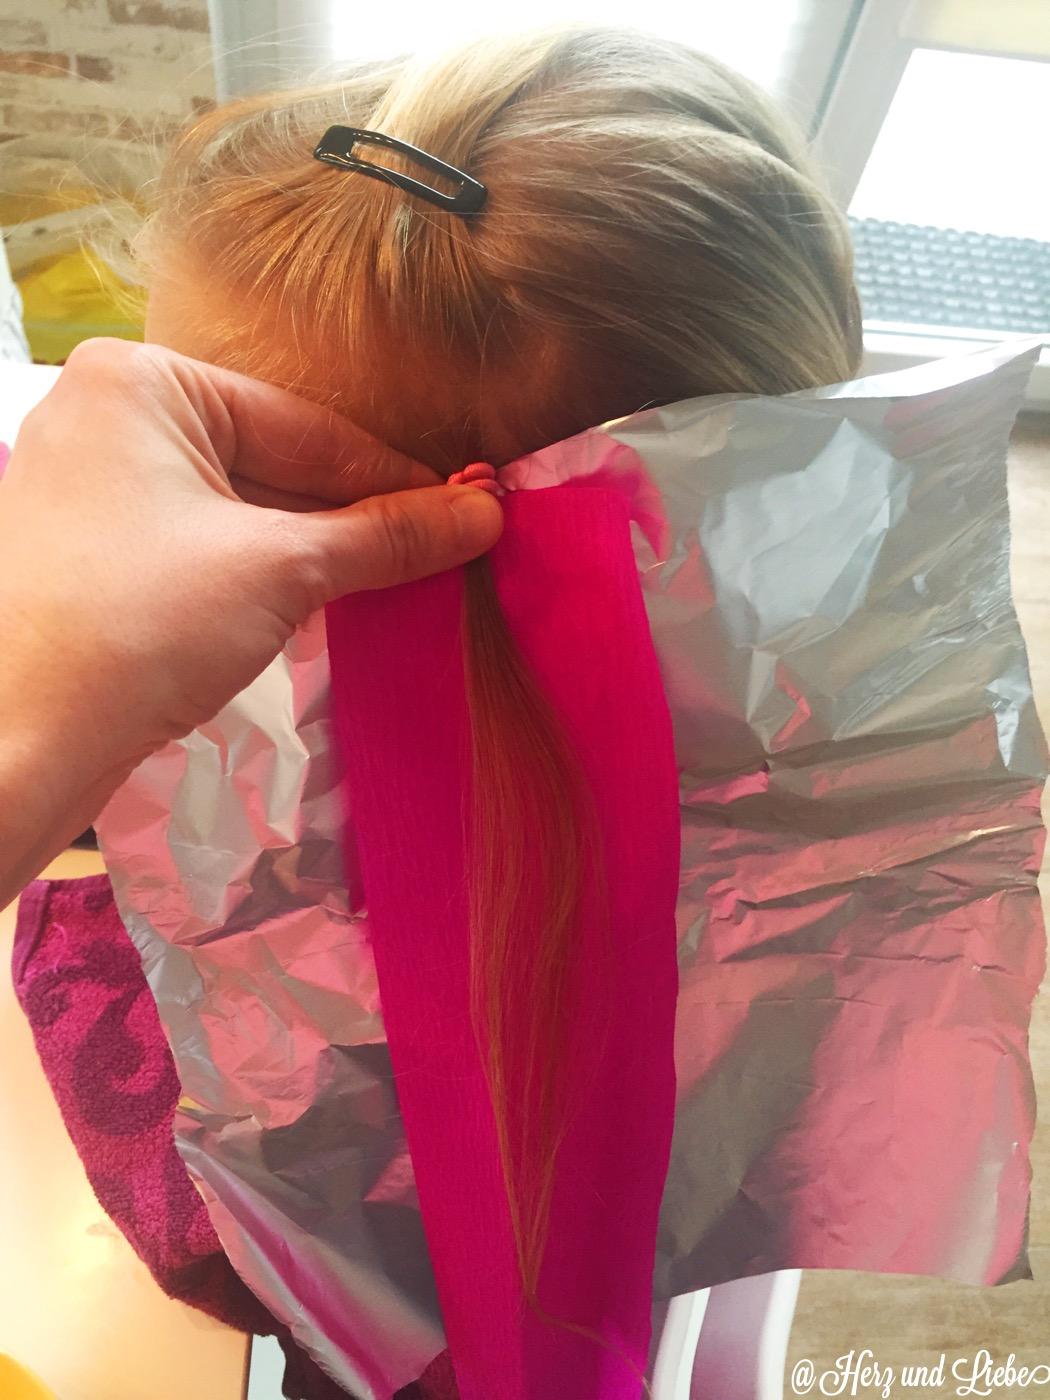 Diy Haarefärben Mit Krepp Papier Schnell Einfach Günstig